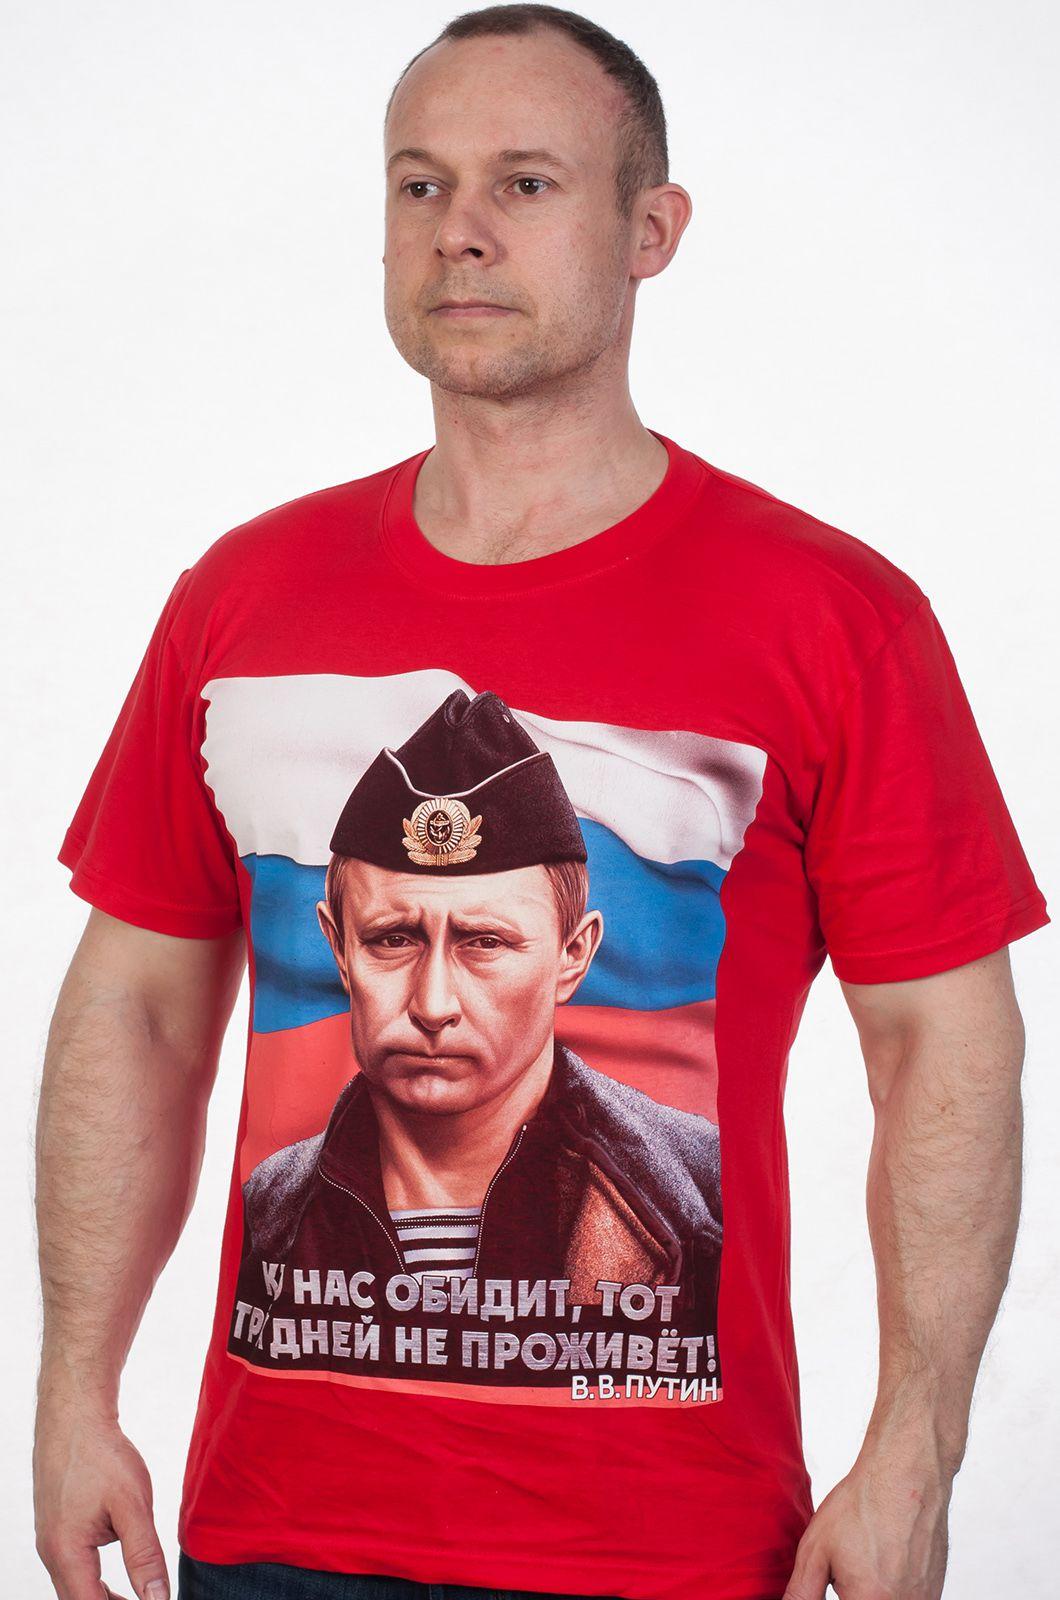 Купить очень дешево футболку с Путиным на подарок мужчине